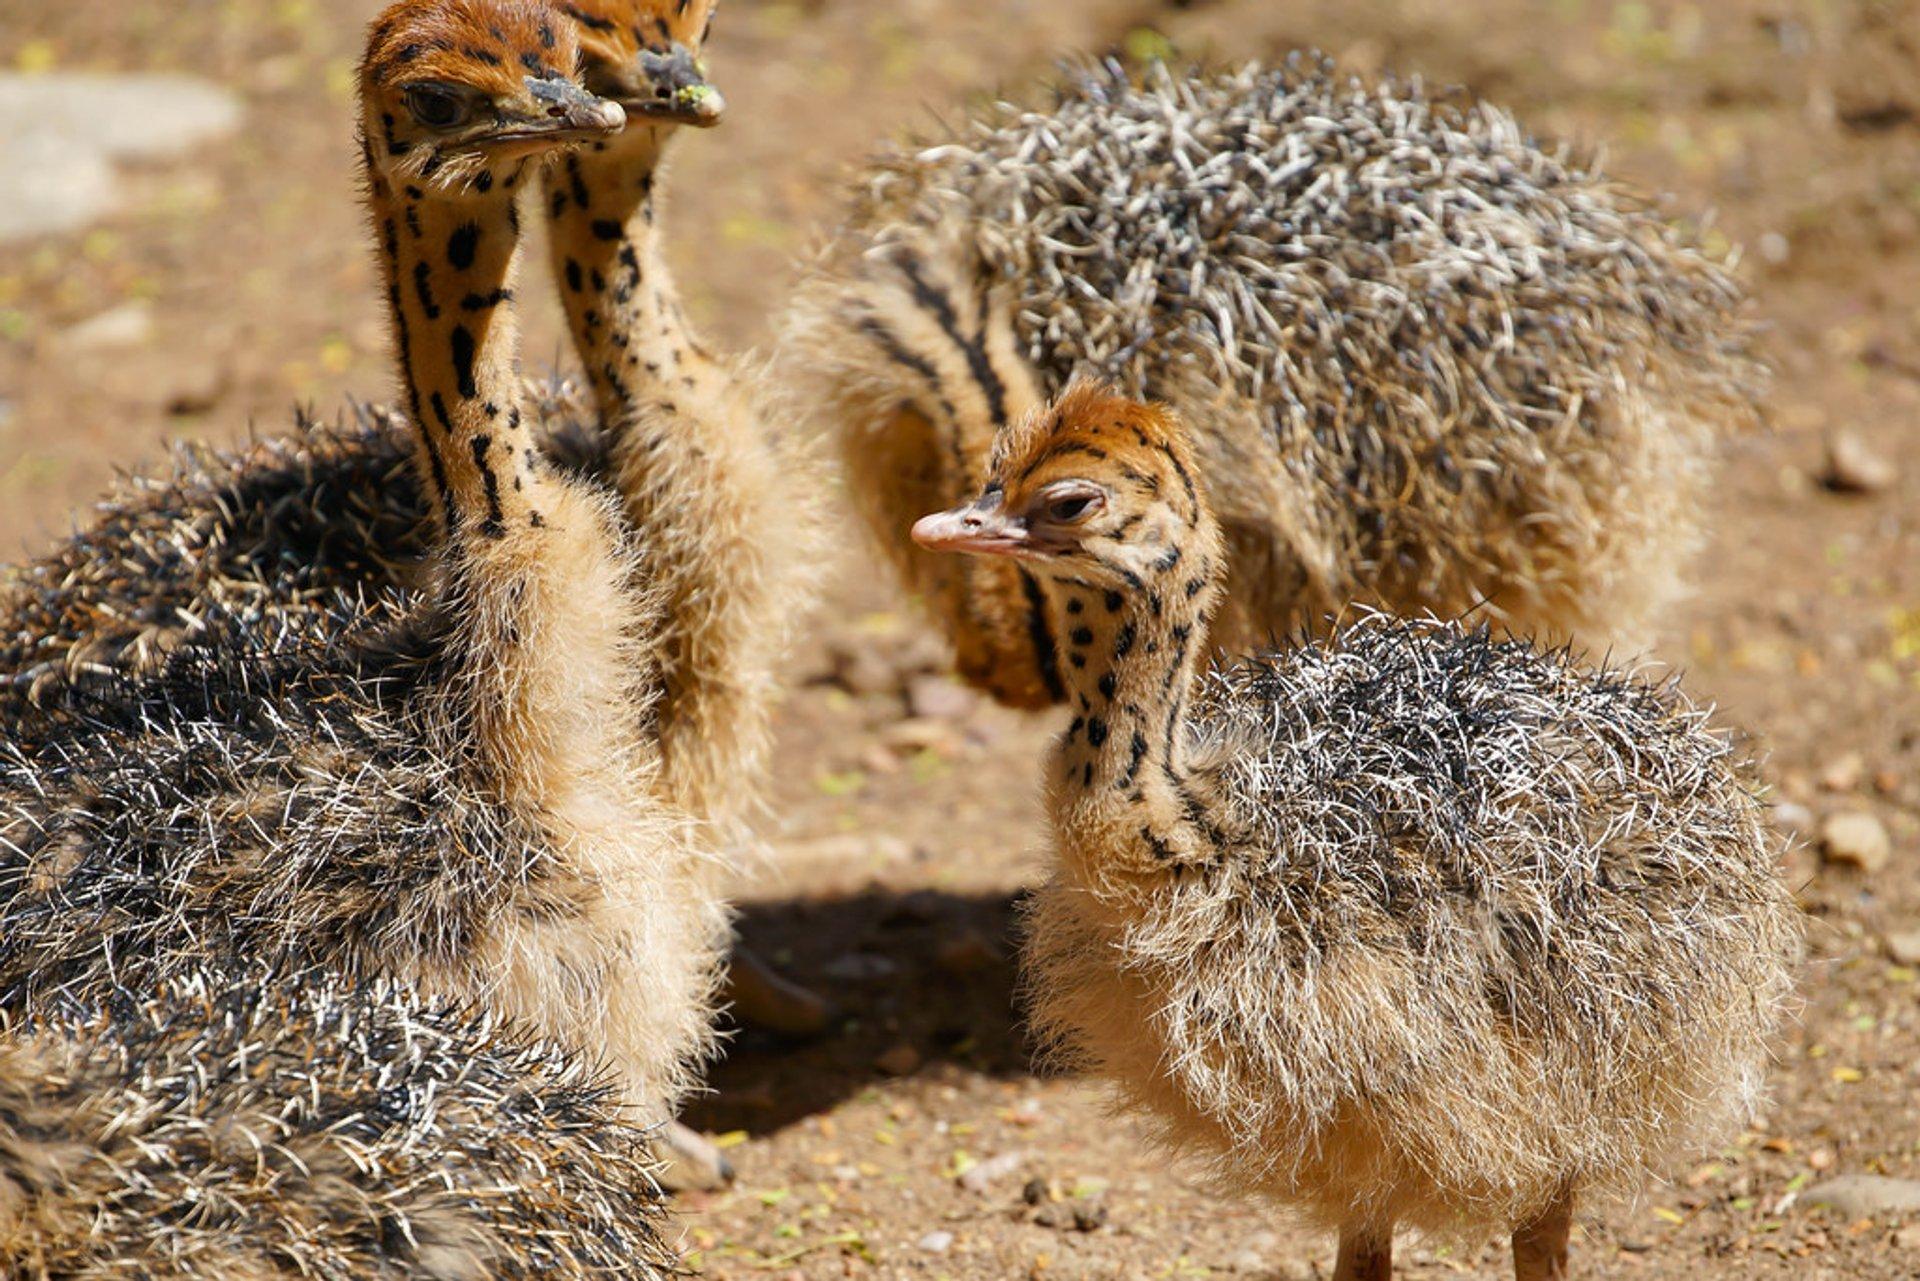 Baby ostriches 2019